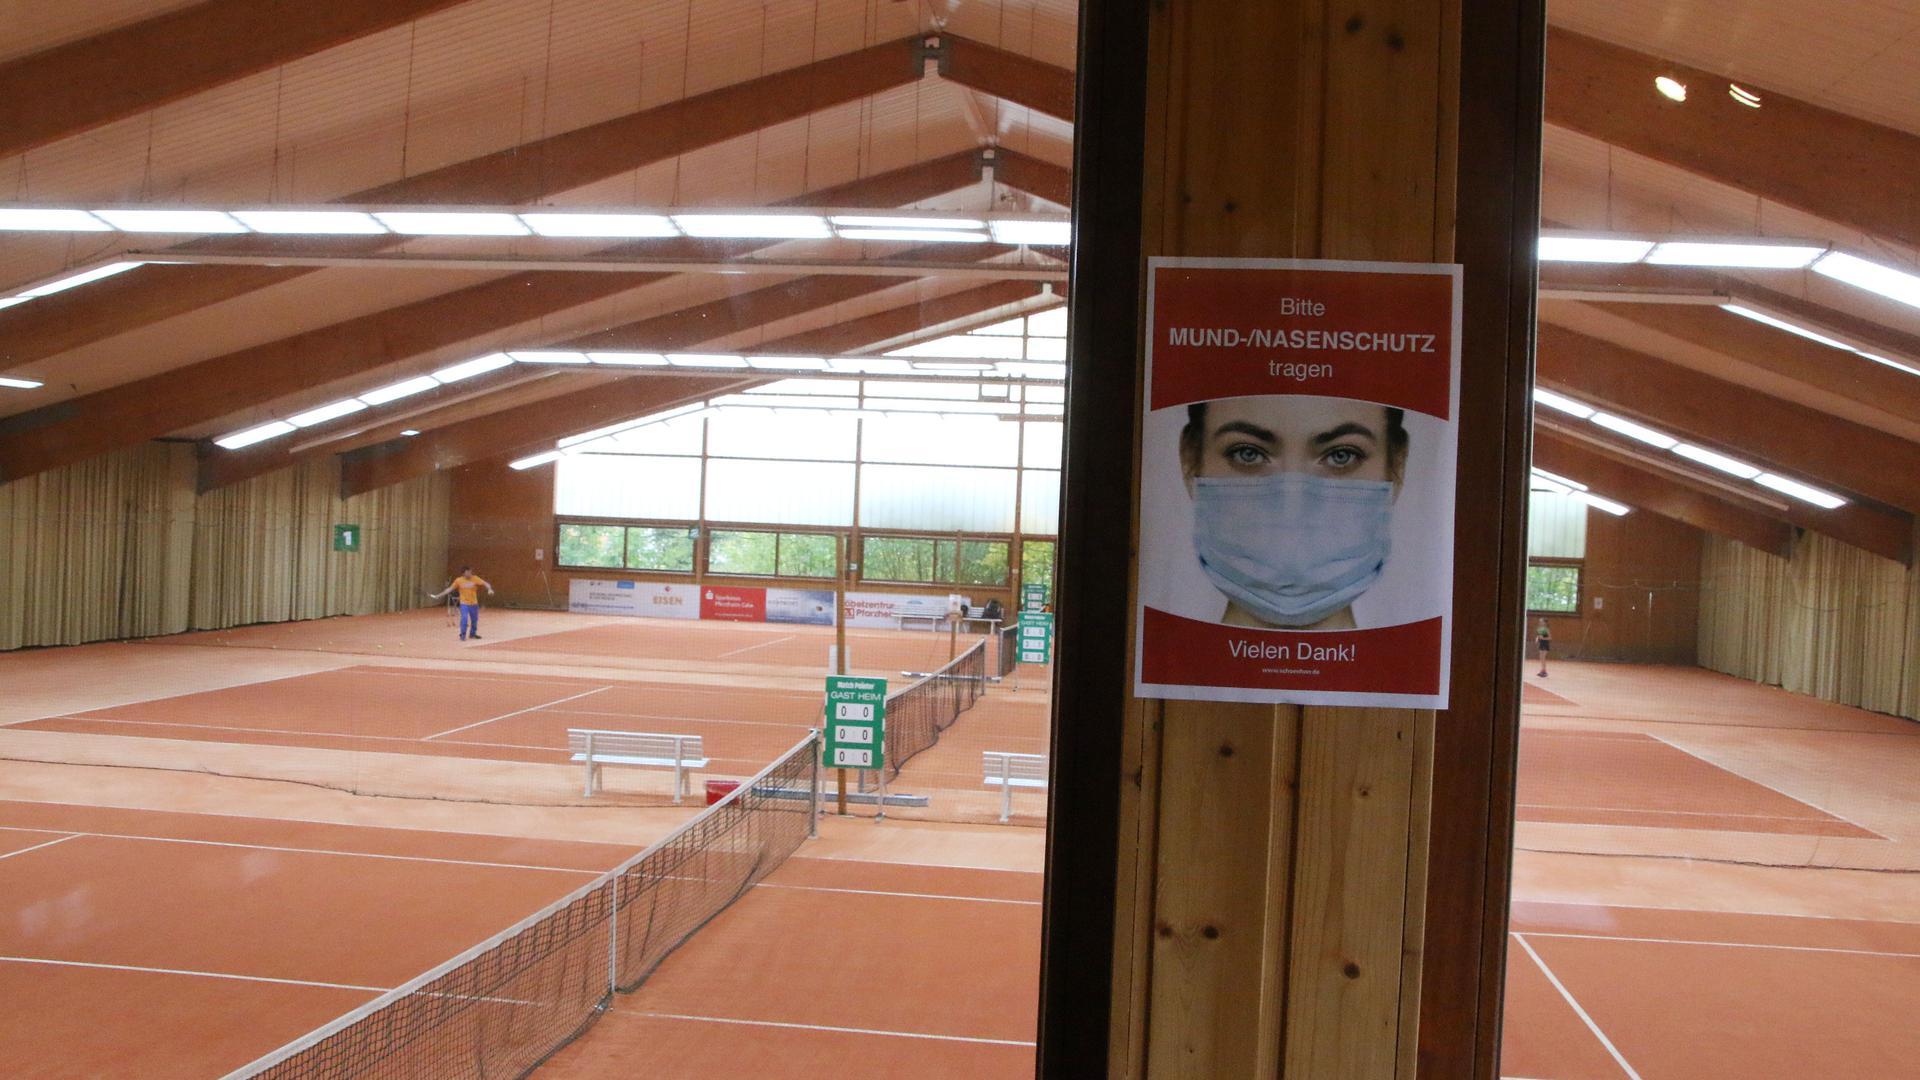 Die nahezu leere Tennishalle der PSG Pforzheim, drei Felder mit rotem Granulat. Im Hintergrund trainiert jemand, vorne ist ein Schild angebracht mit einem Hinweis, Maske zu tragen.